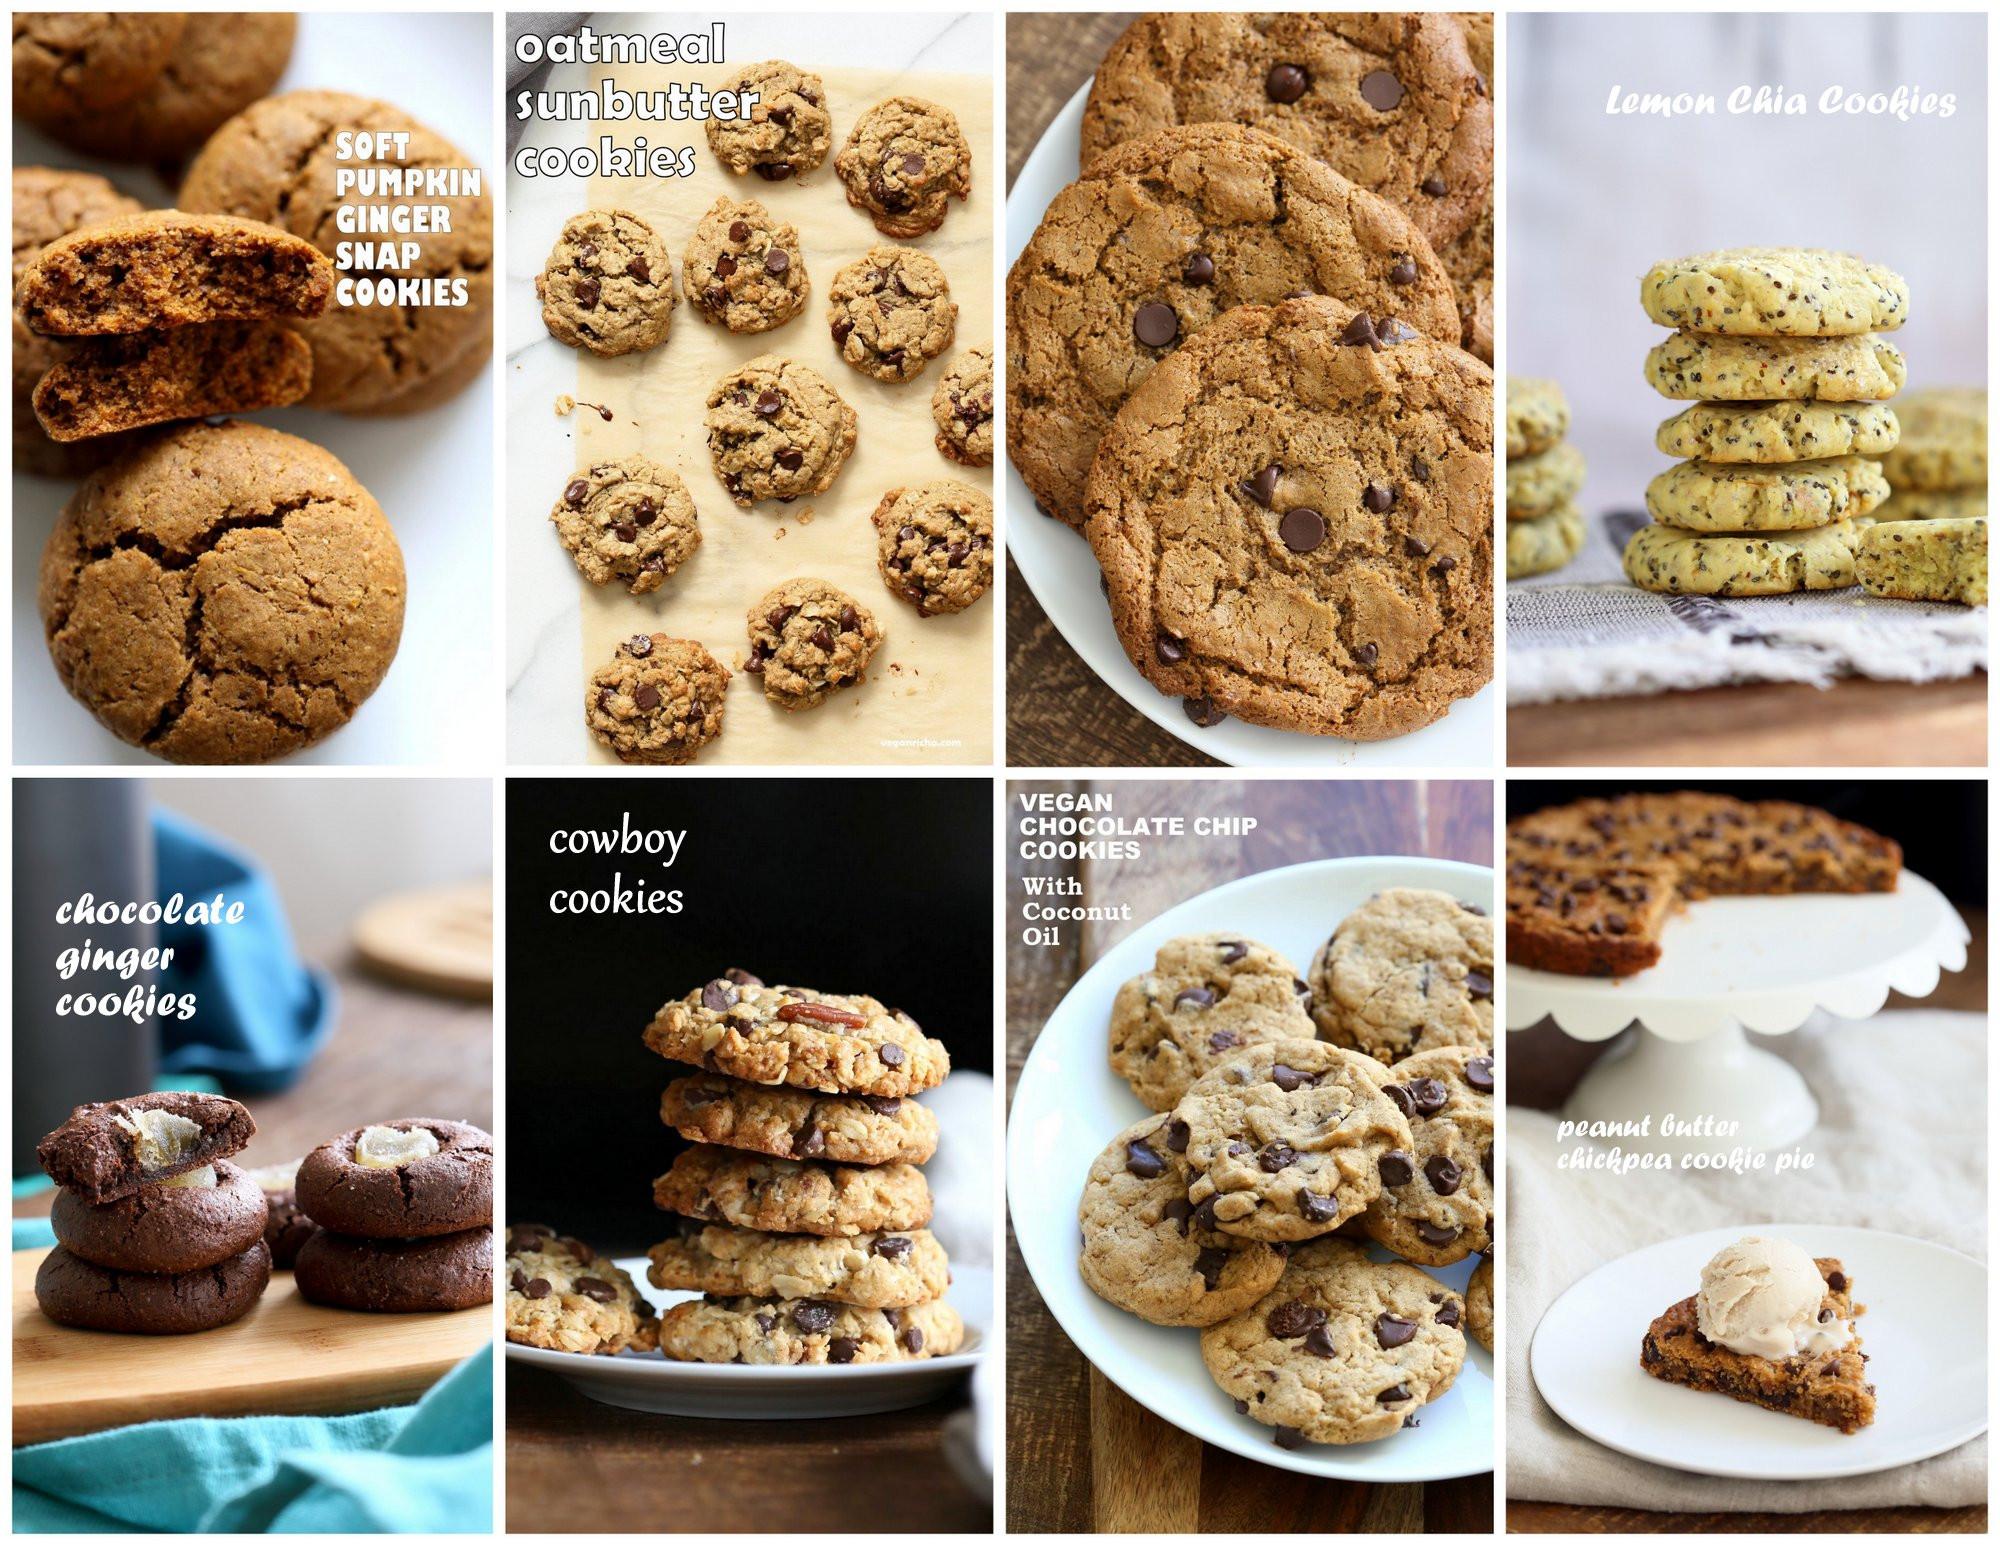 Vegan Christmas Cookies Recipe  40 Vegan Christmas Cookies Recipes Vegan Richa